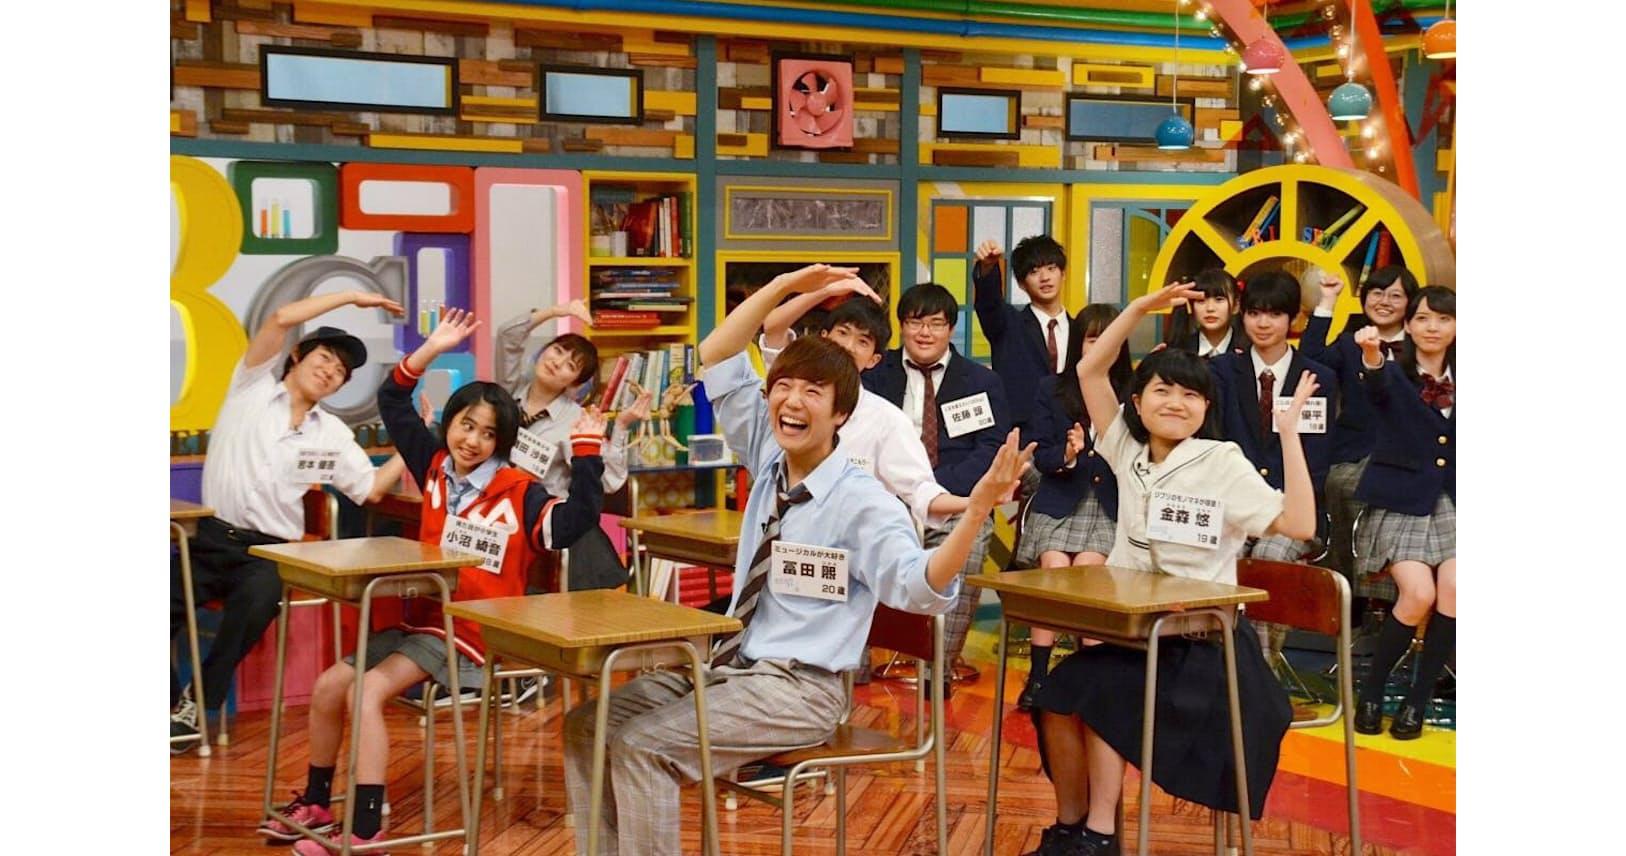 三宅 優樹 東京 テレビ